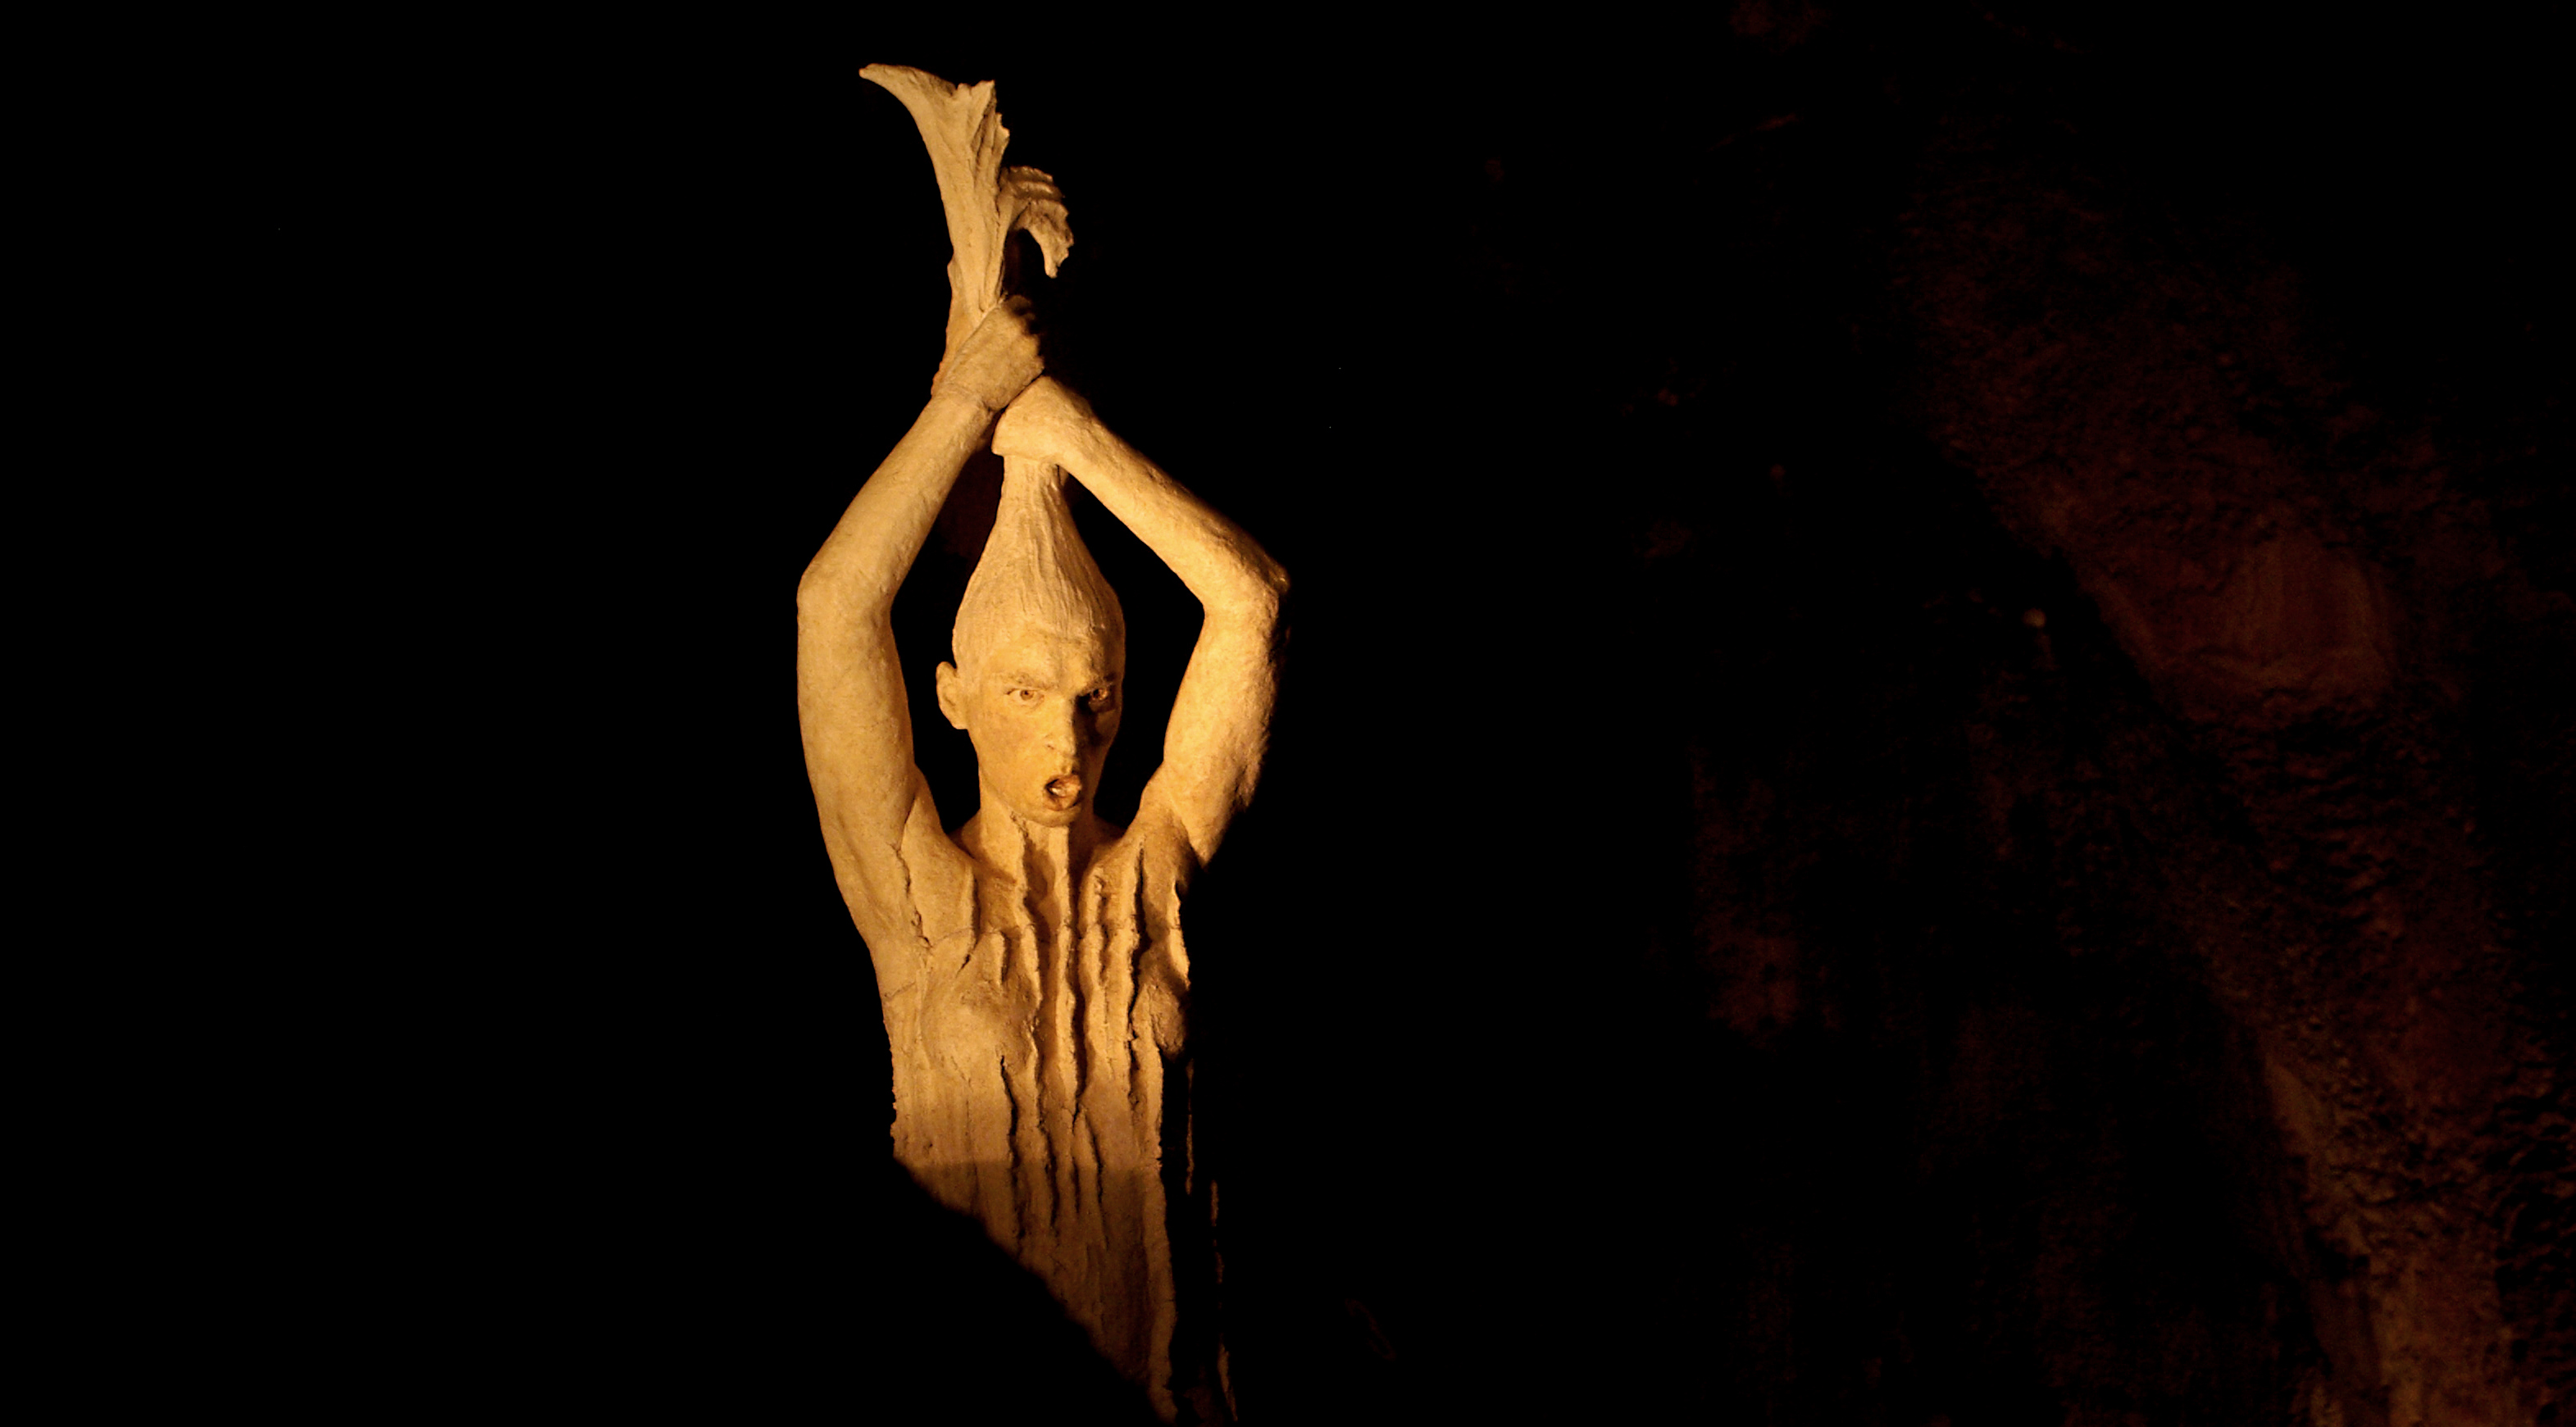 grotte-2012-004-Copie-2